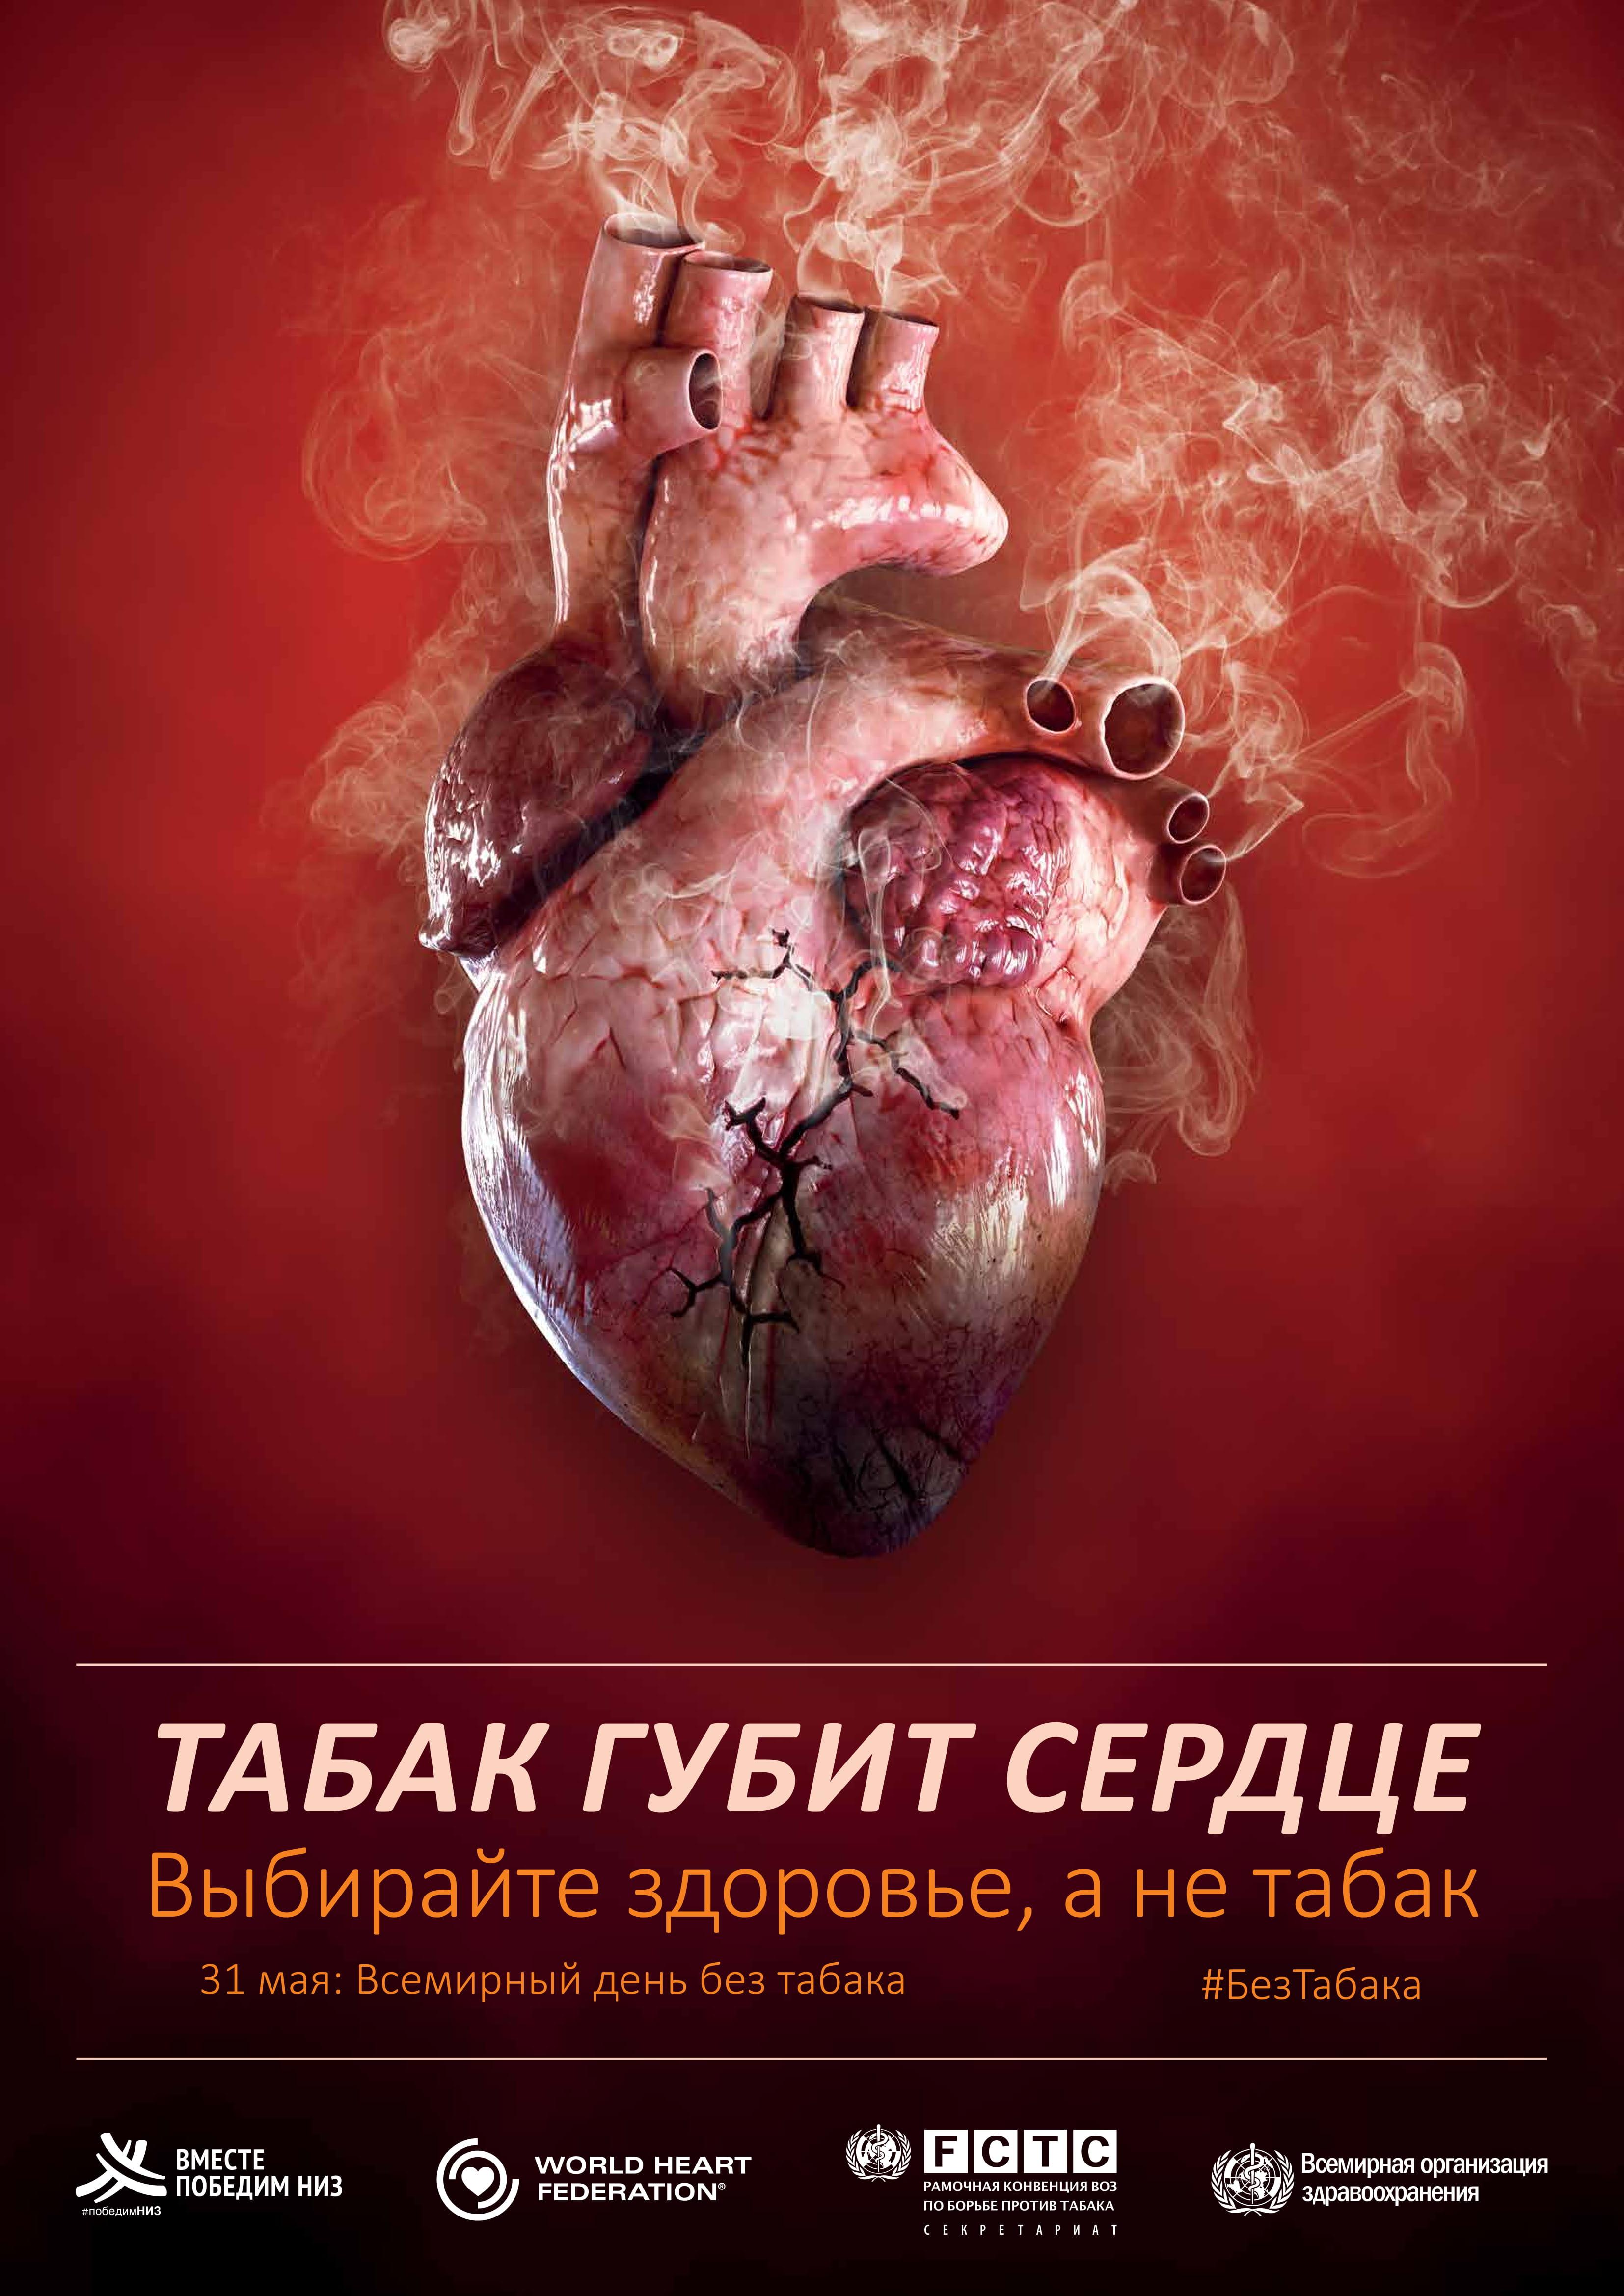 Табак и болезнь сердца